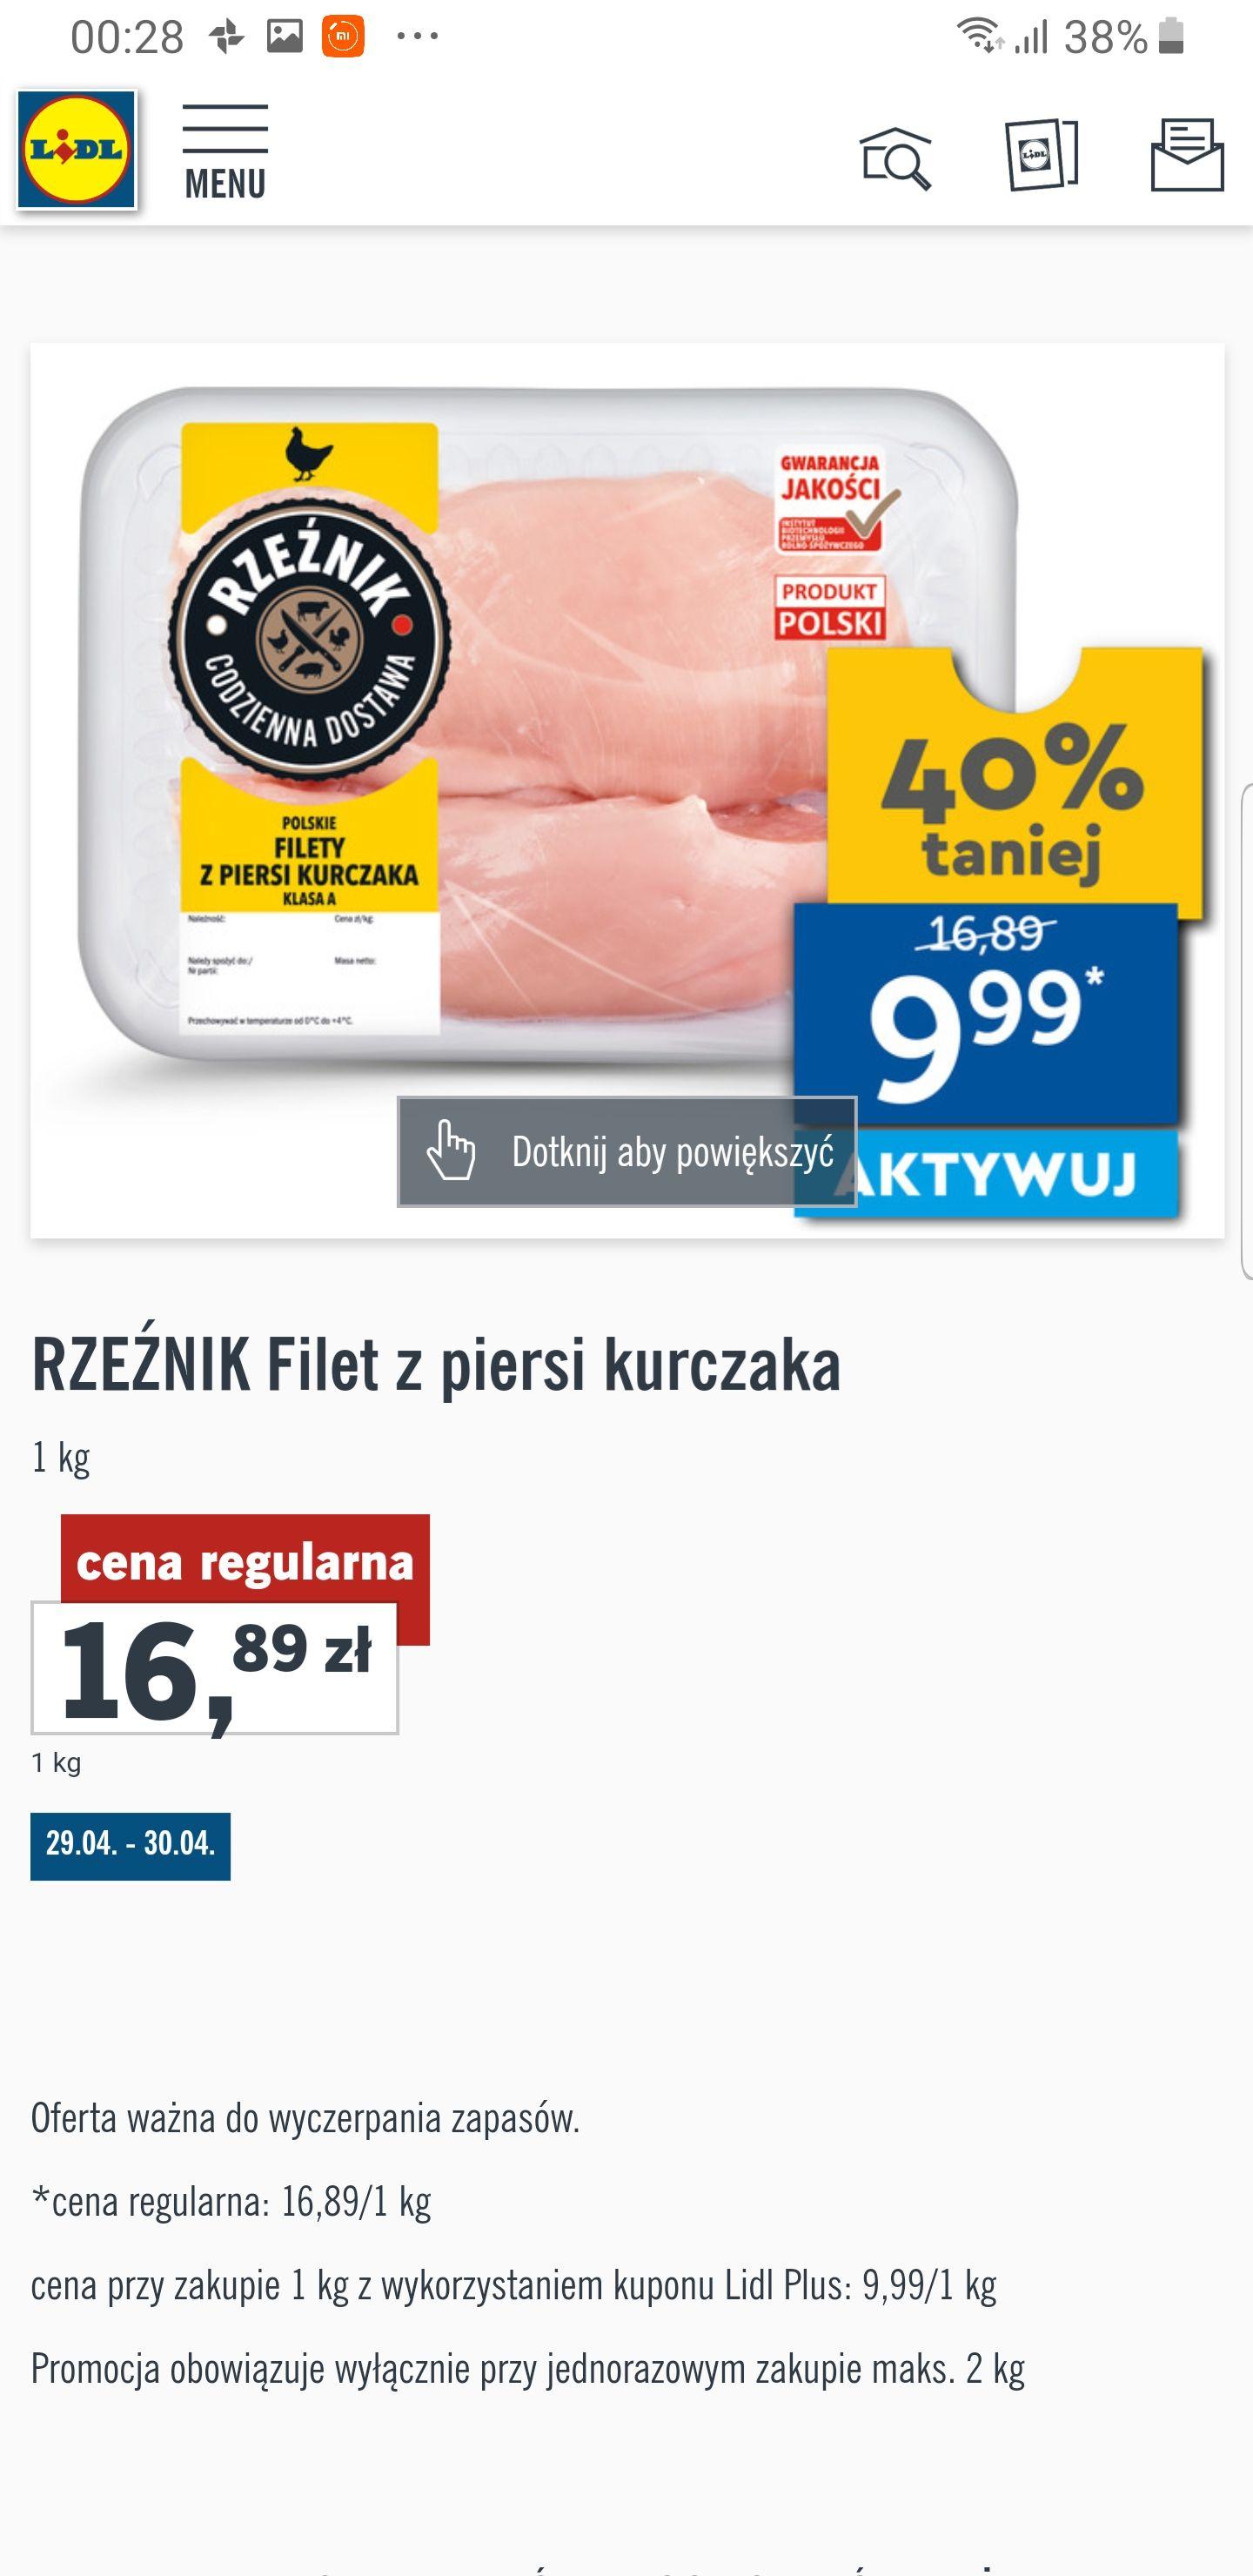 Filet z piersi kurczaka 40% taniej z Lidl Plus